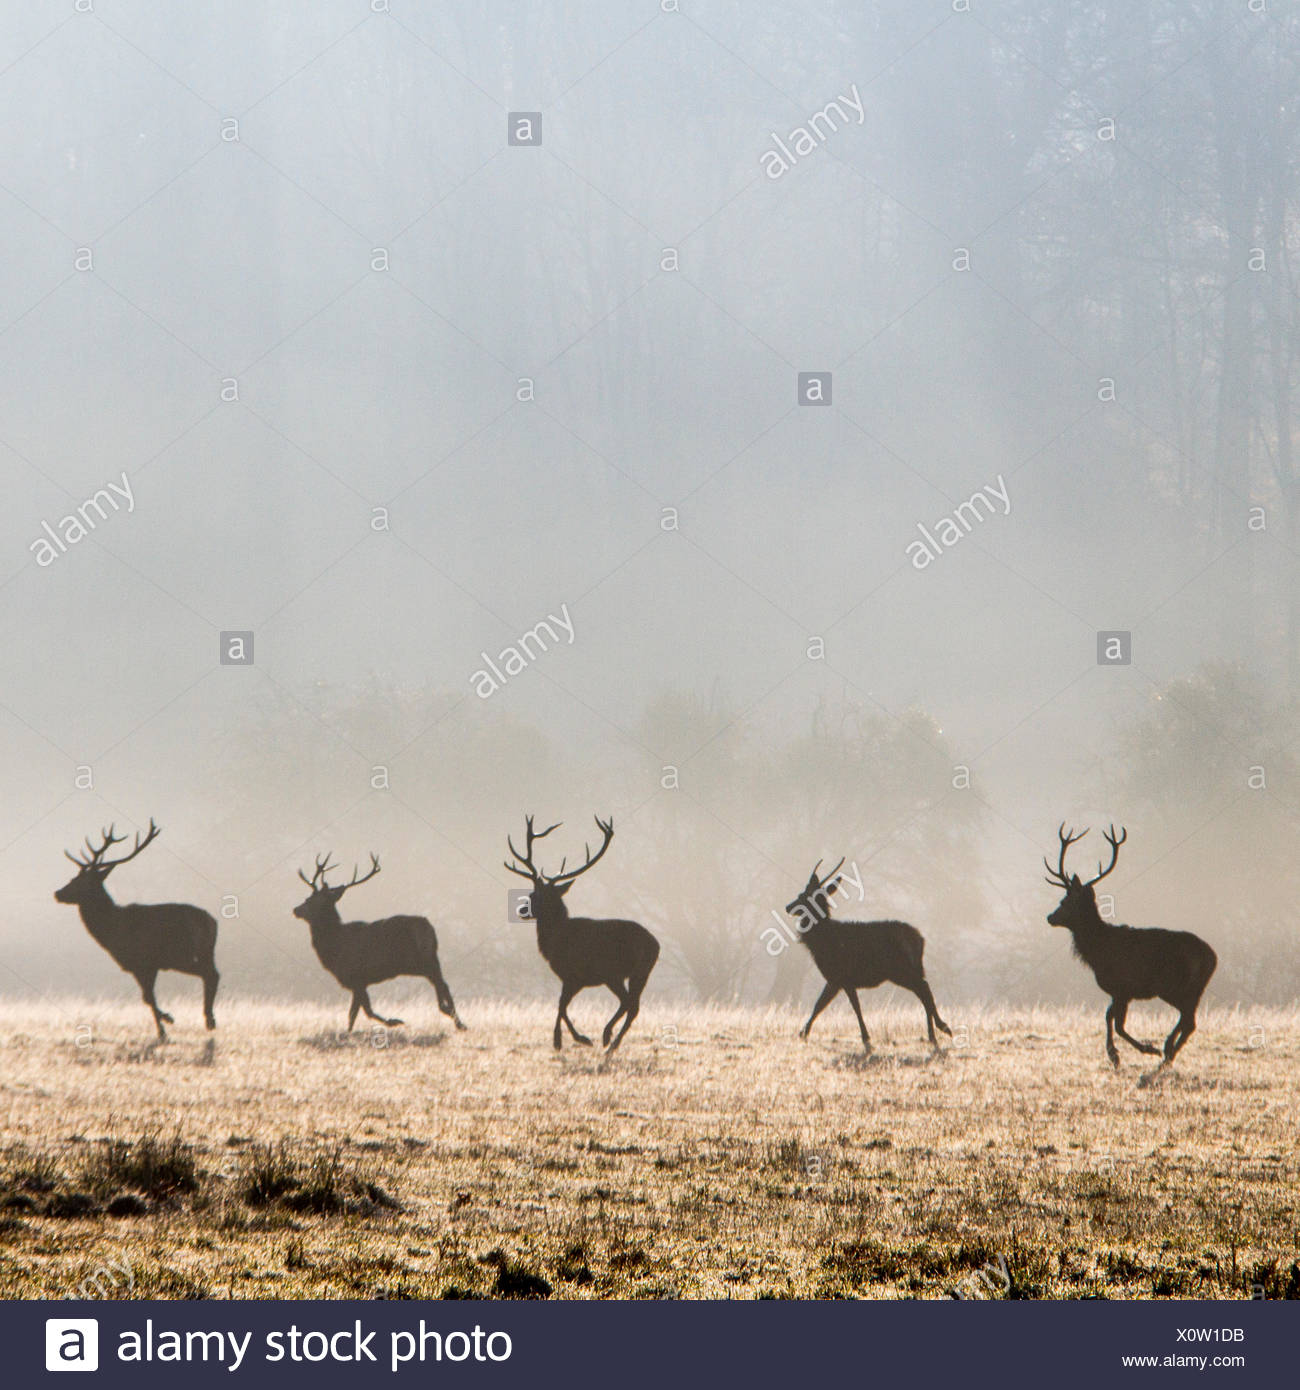 Fila di cervi in esecuzione nel parco, Berkshire, Inghilterra, Regno Unito Immagini Stock